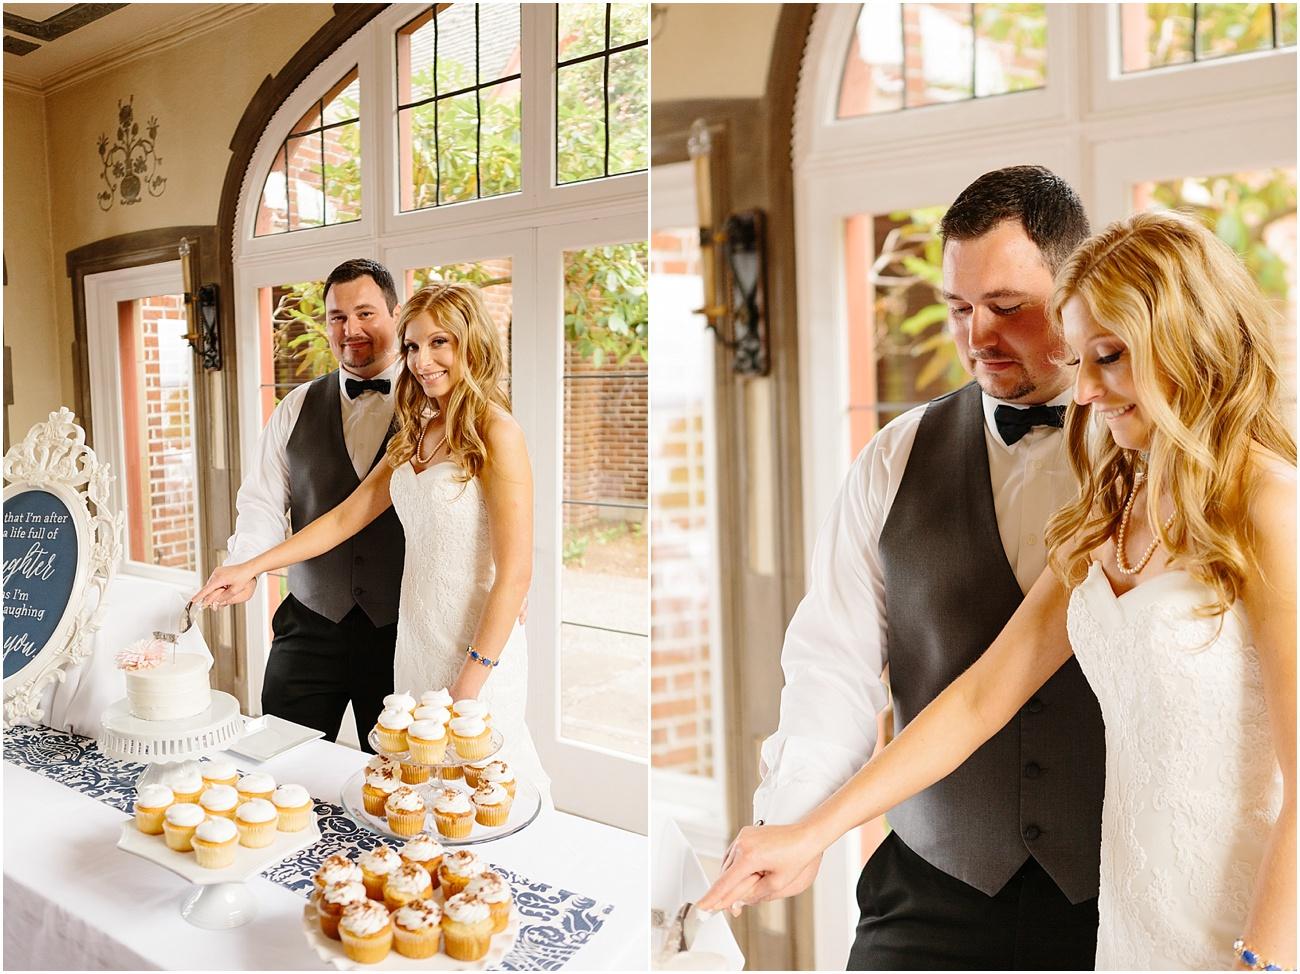 Thomas_WeyerhaeuserEstate_Tacom_Washington_Wedding_0127